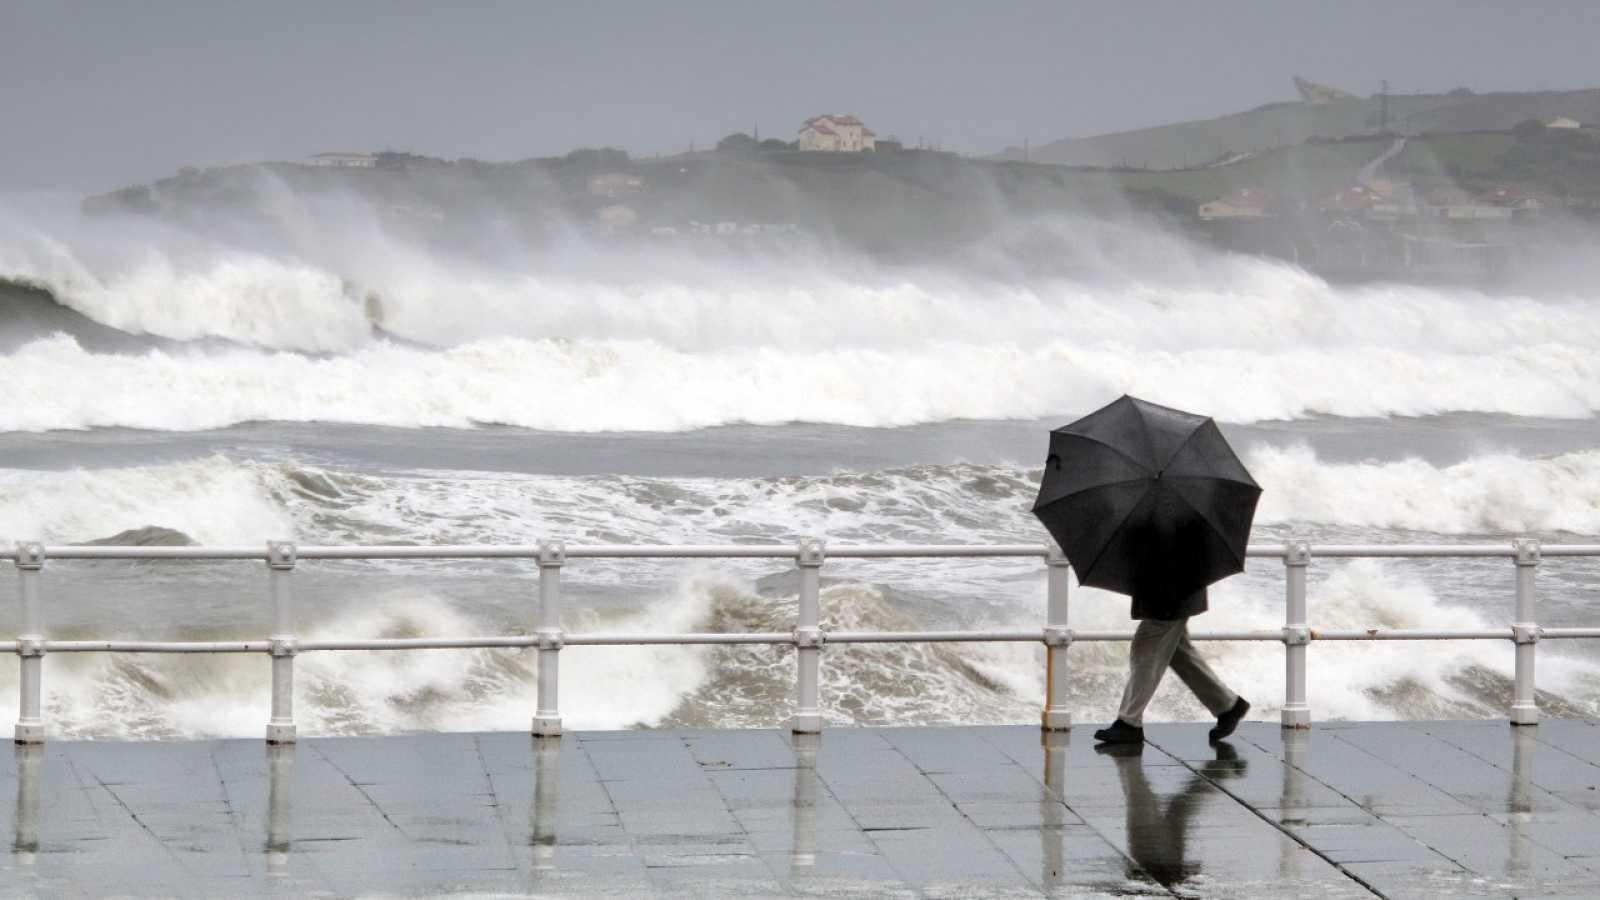 Precipitaciones persistentes este martes en el extremo oeste de Galicia